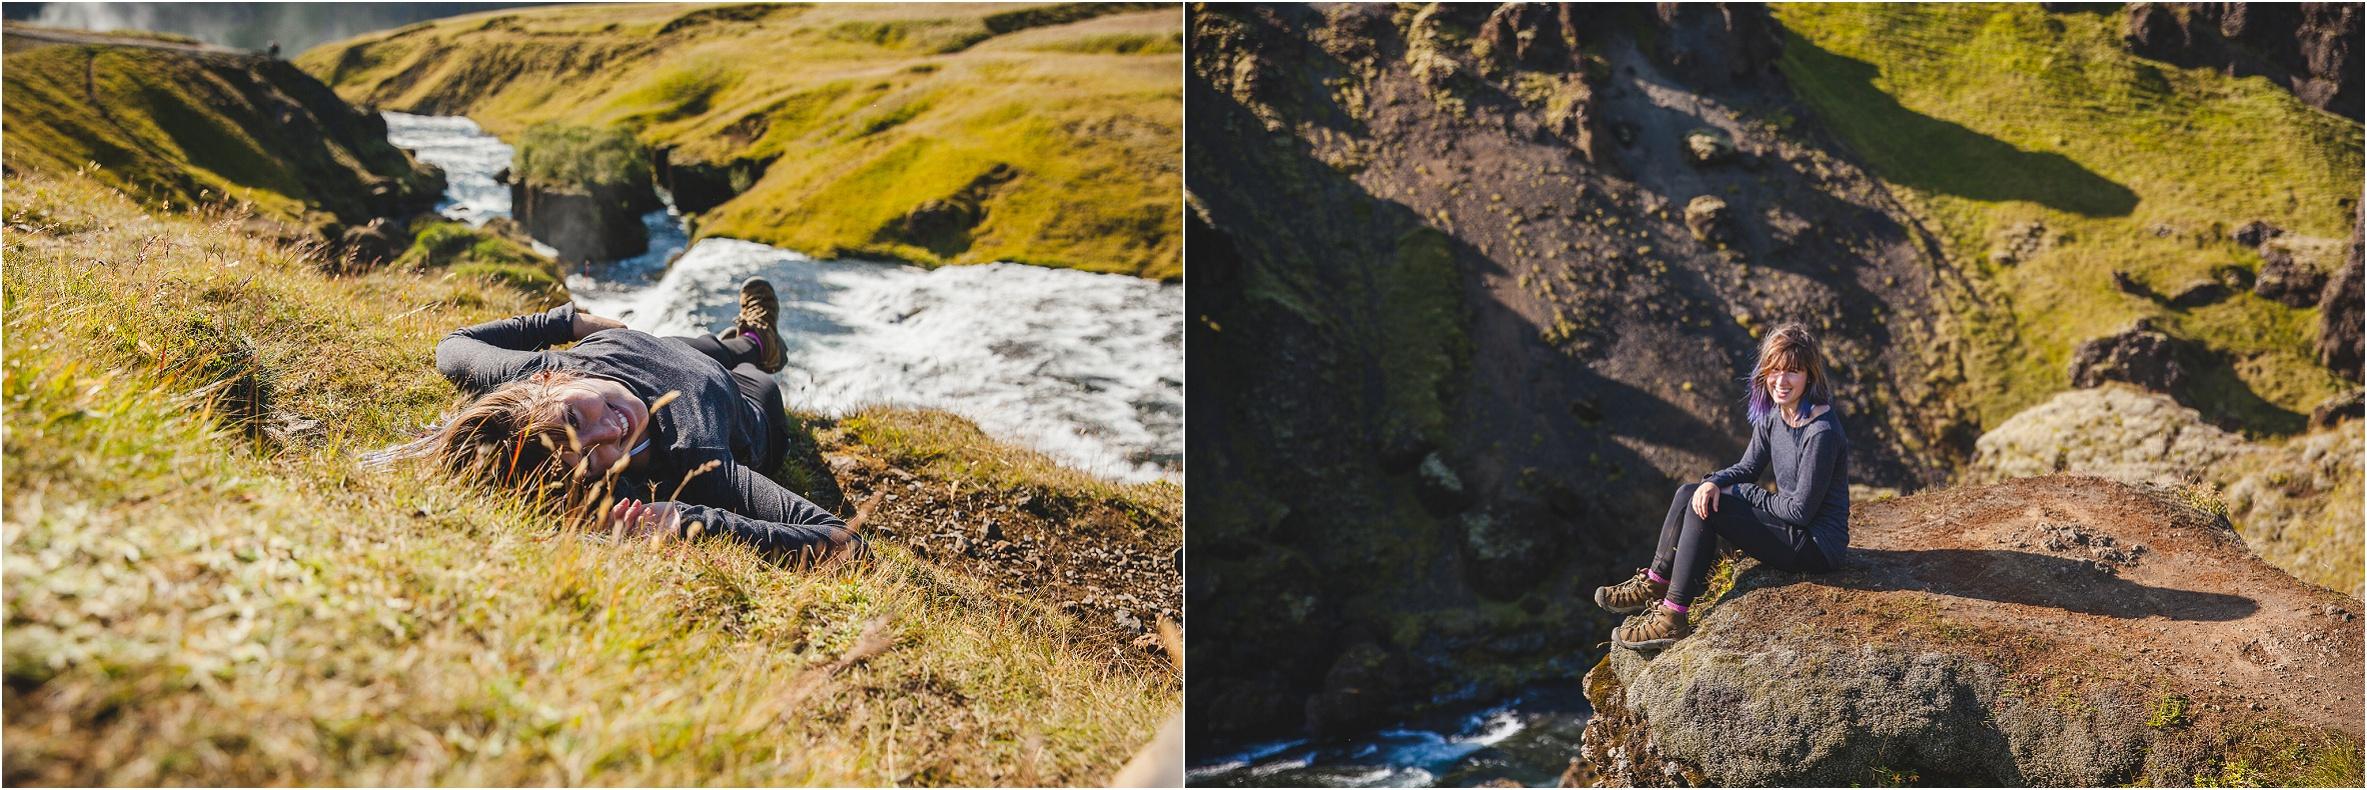 Iceland Vacation Summer, Elopement Photographer, Destination Wedding Photographer, Iceland Photographer, Iceland Elopement Photographer, Destination Wedding Photographer, Travel Wedding Photographer, Travelling Elopement Photographer, Danielle Salerno Photography, Skogafoss